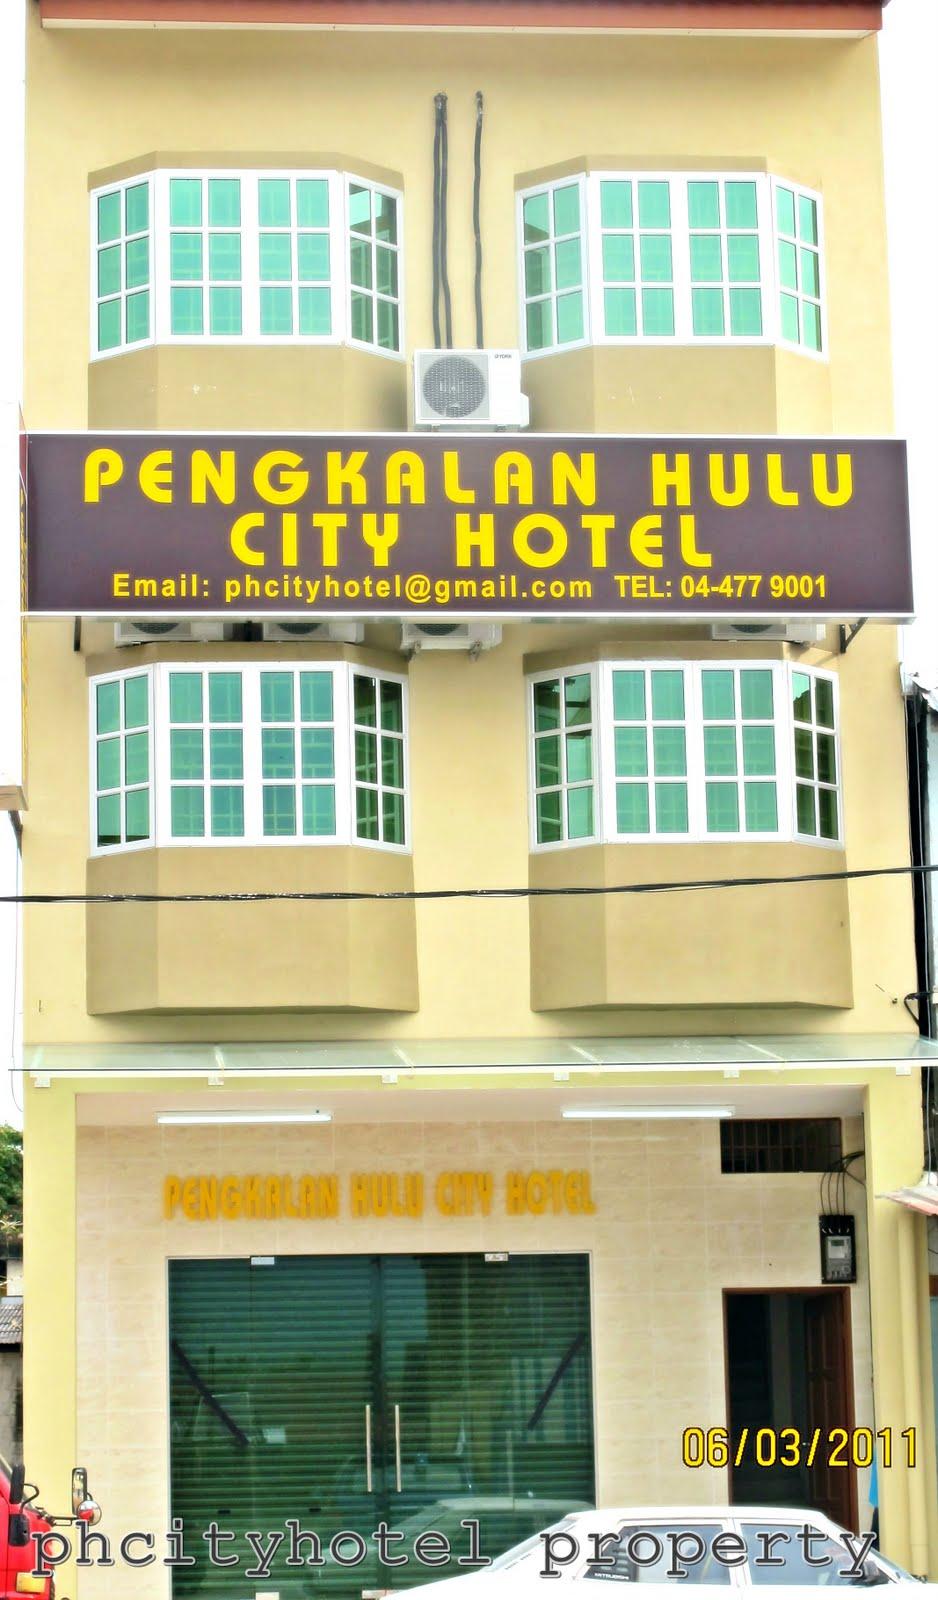 Pengkalan Hulu City Hotel